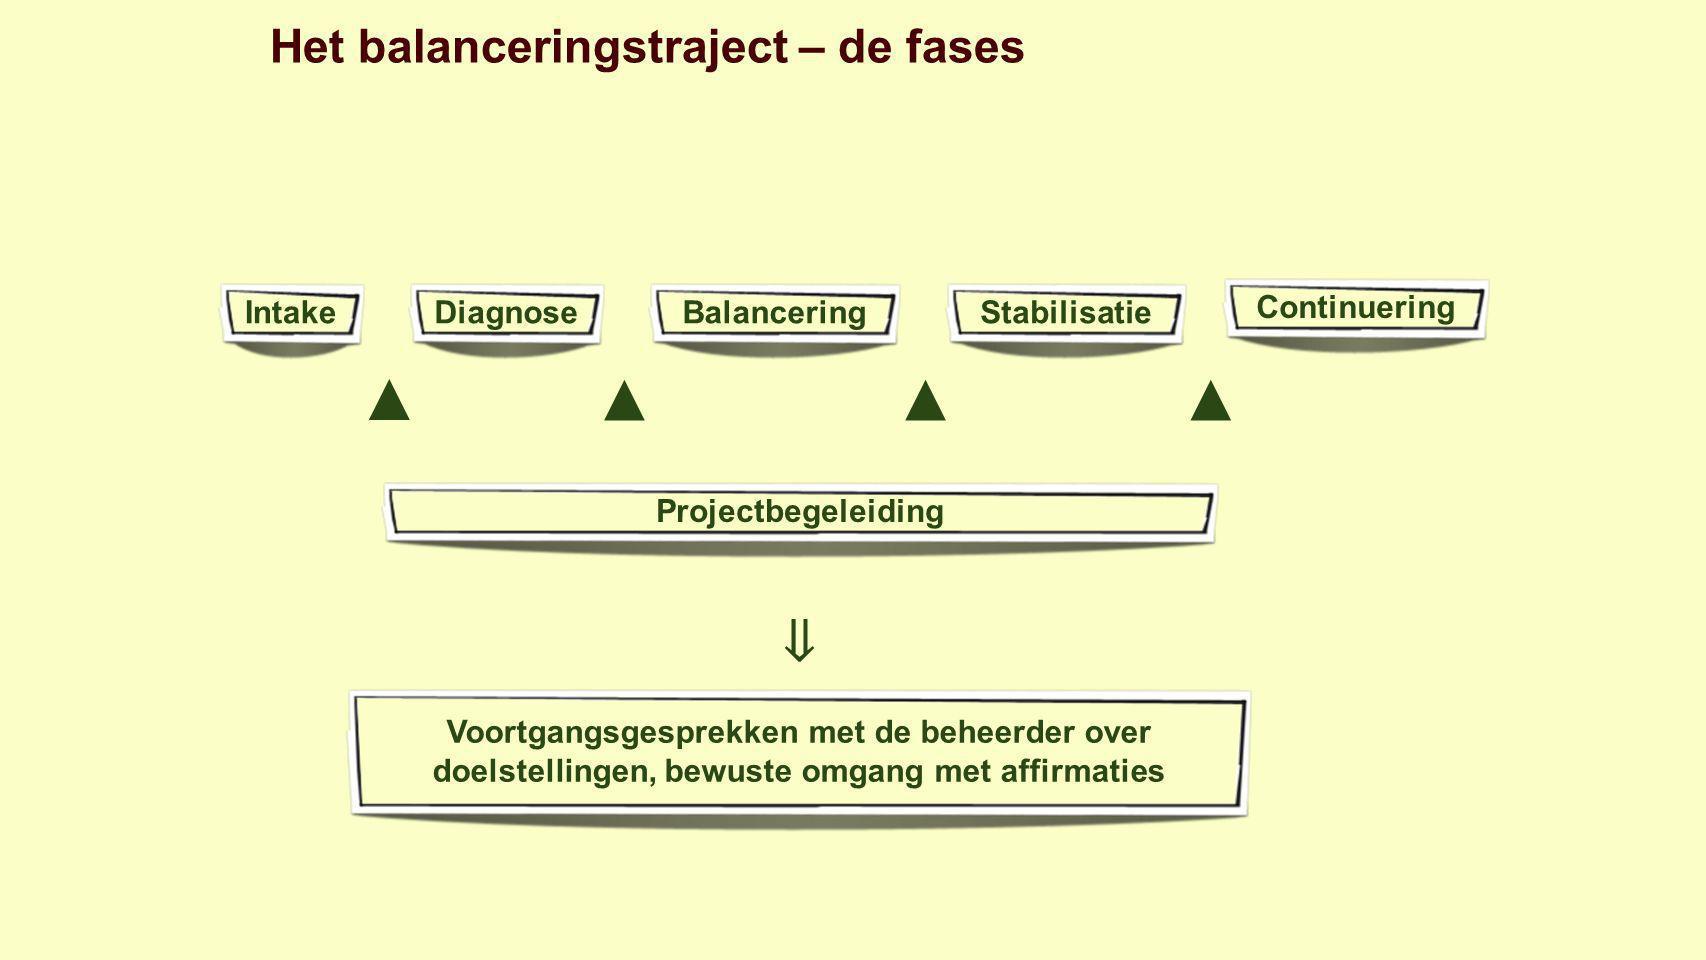 Het balanceringstraject – de fases IntakeDiagnoseBalanceringStabilisatieContinuering ▲ Projectbegeleiding ▲▲▲ ⇓ Voortgangsgesprekken met de beheerder over doelstellingen, bewuste omgang met affirmaties